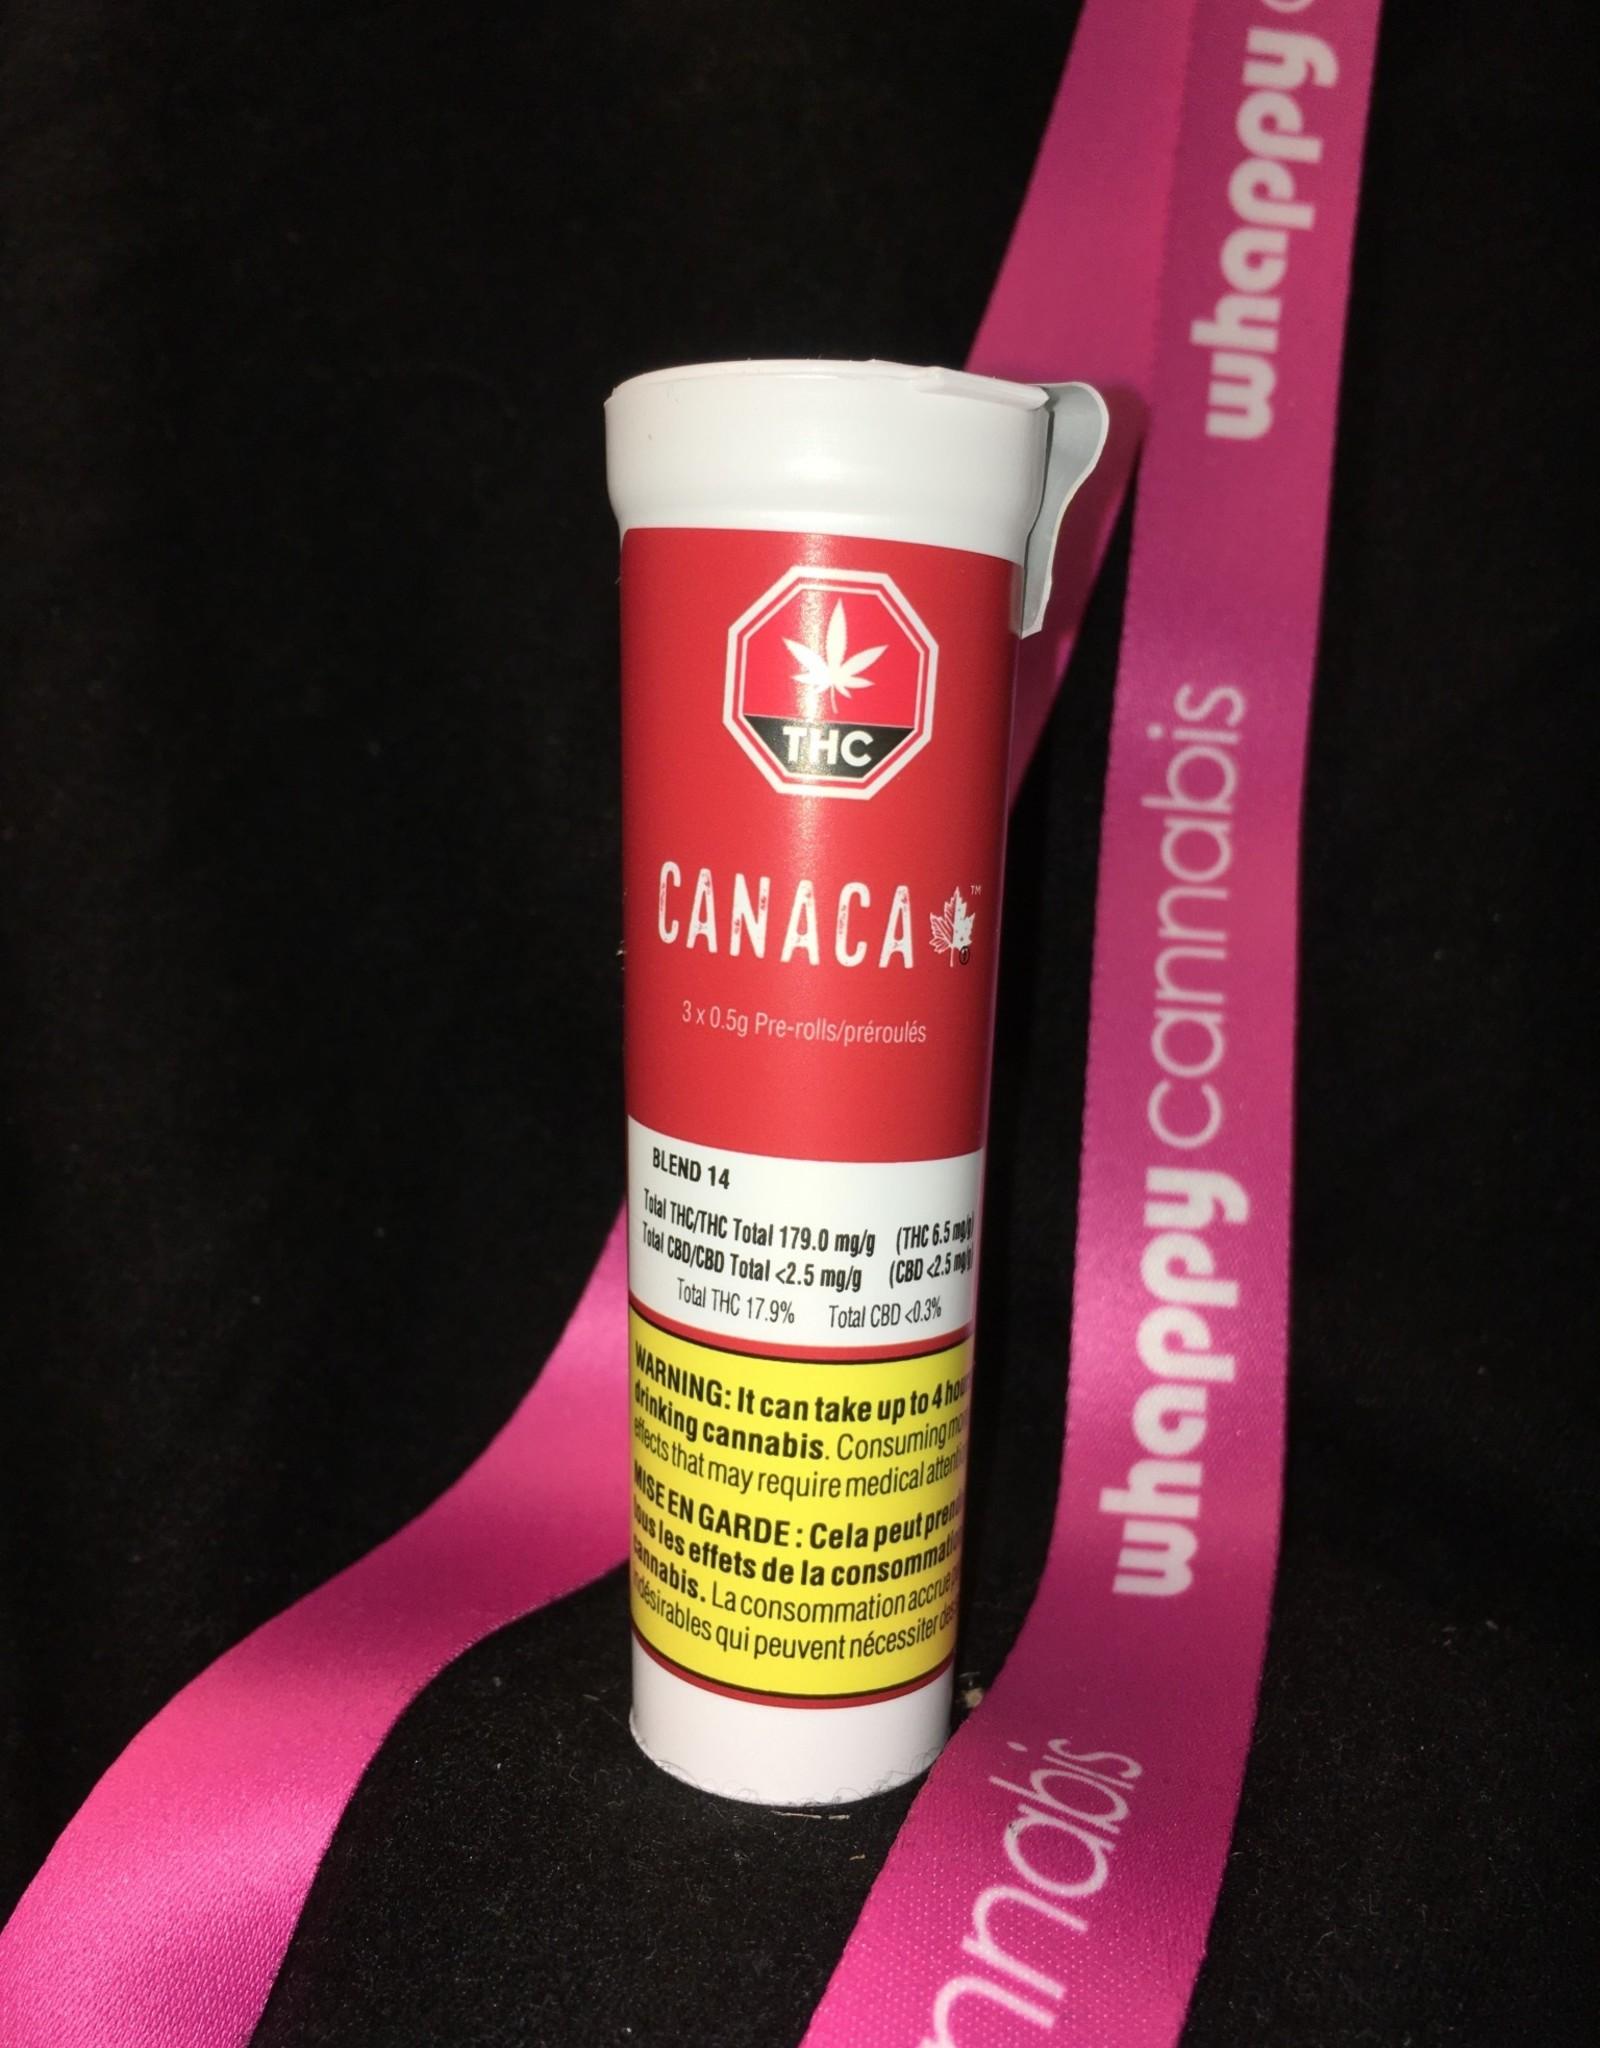 Canaca Canaca - Blend 14 Indica Pre-Roll (3pc x 0.5g)